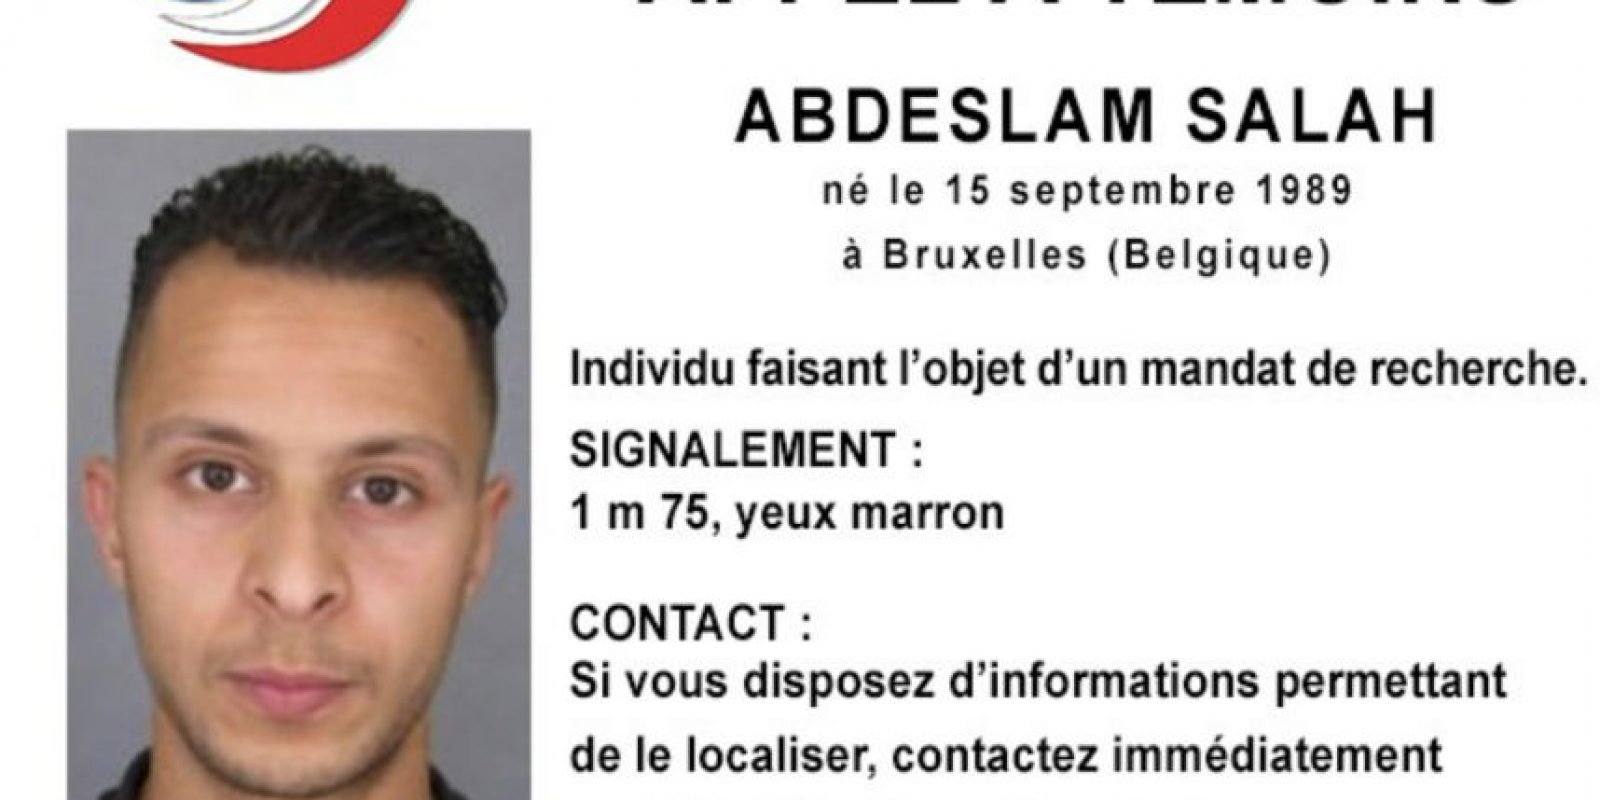 Hoy Francia y Bélgica anunciaron la orden de captura de Abdeslam Salah por los atentados terroristas. Foto:AP